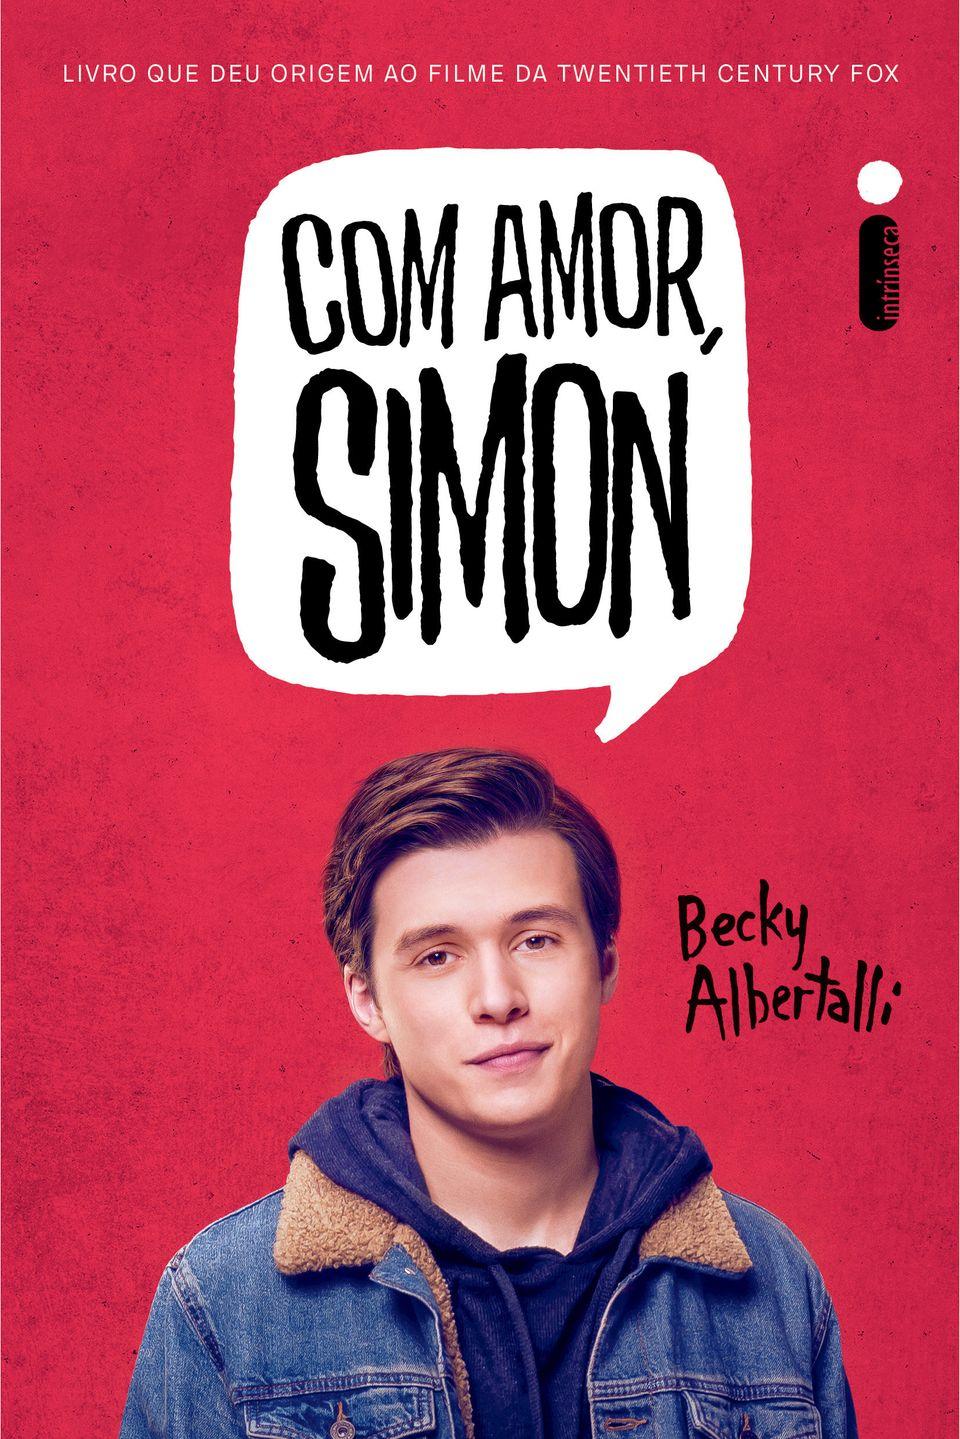 O ator Nick Robinson, intérprete de Simon, em capa da nova edição do